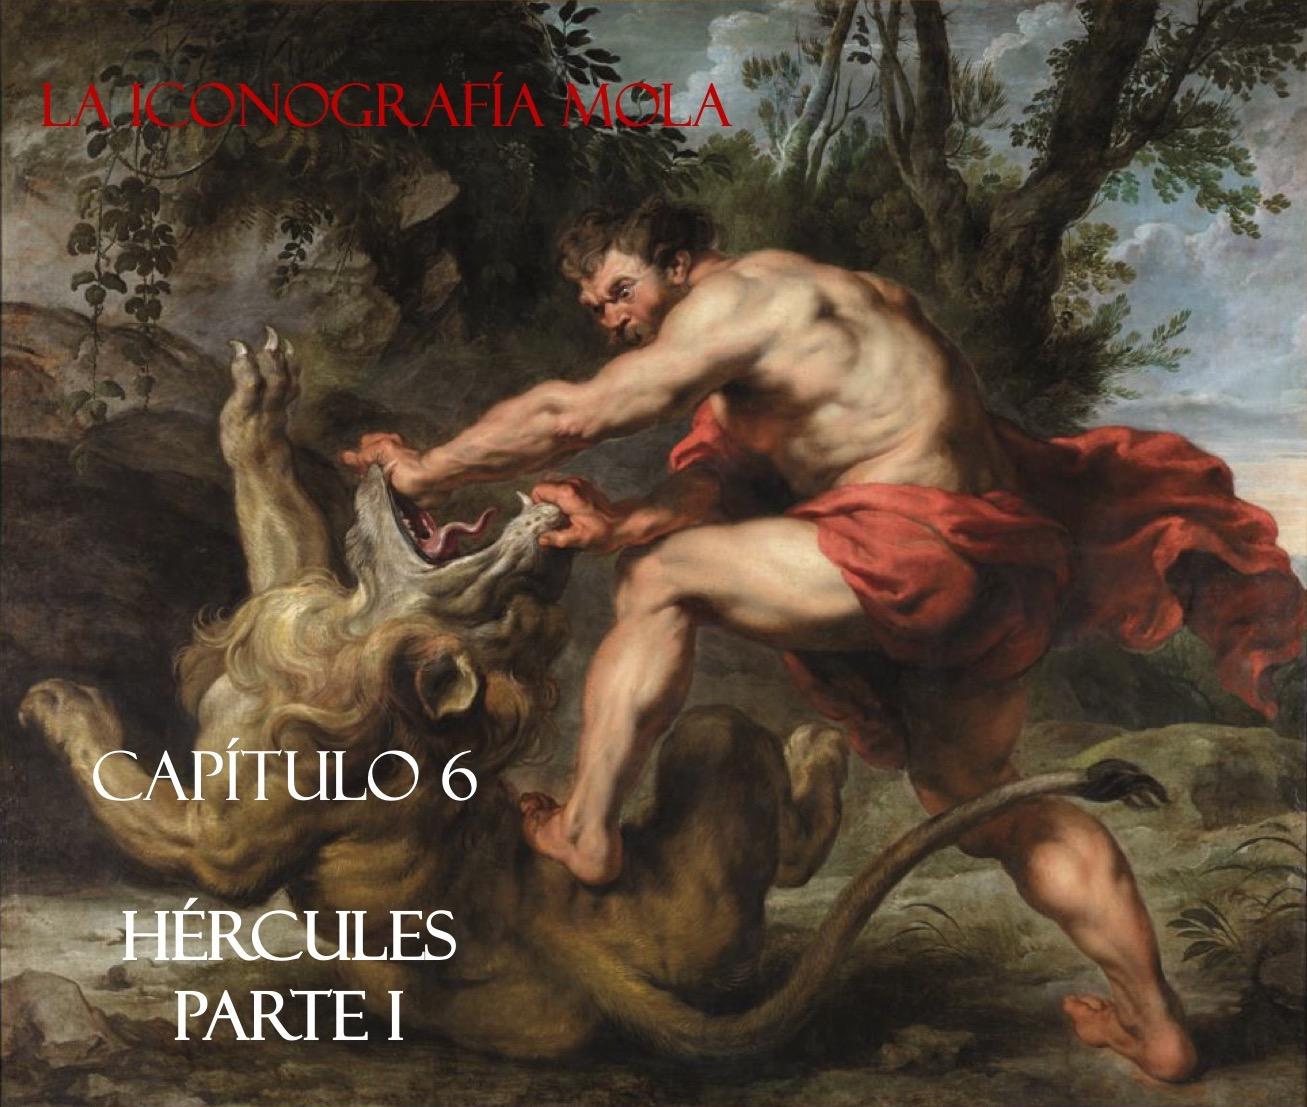 """La Iconografía Mola- Cap. 6: """"Hércules"""" Parte I"""